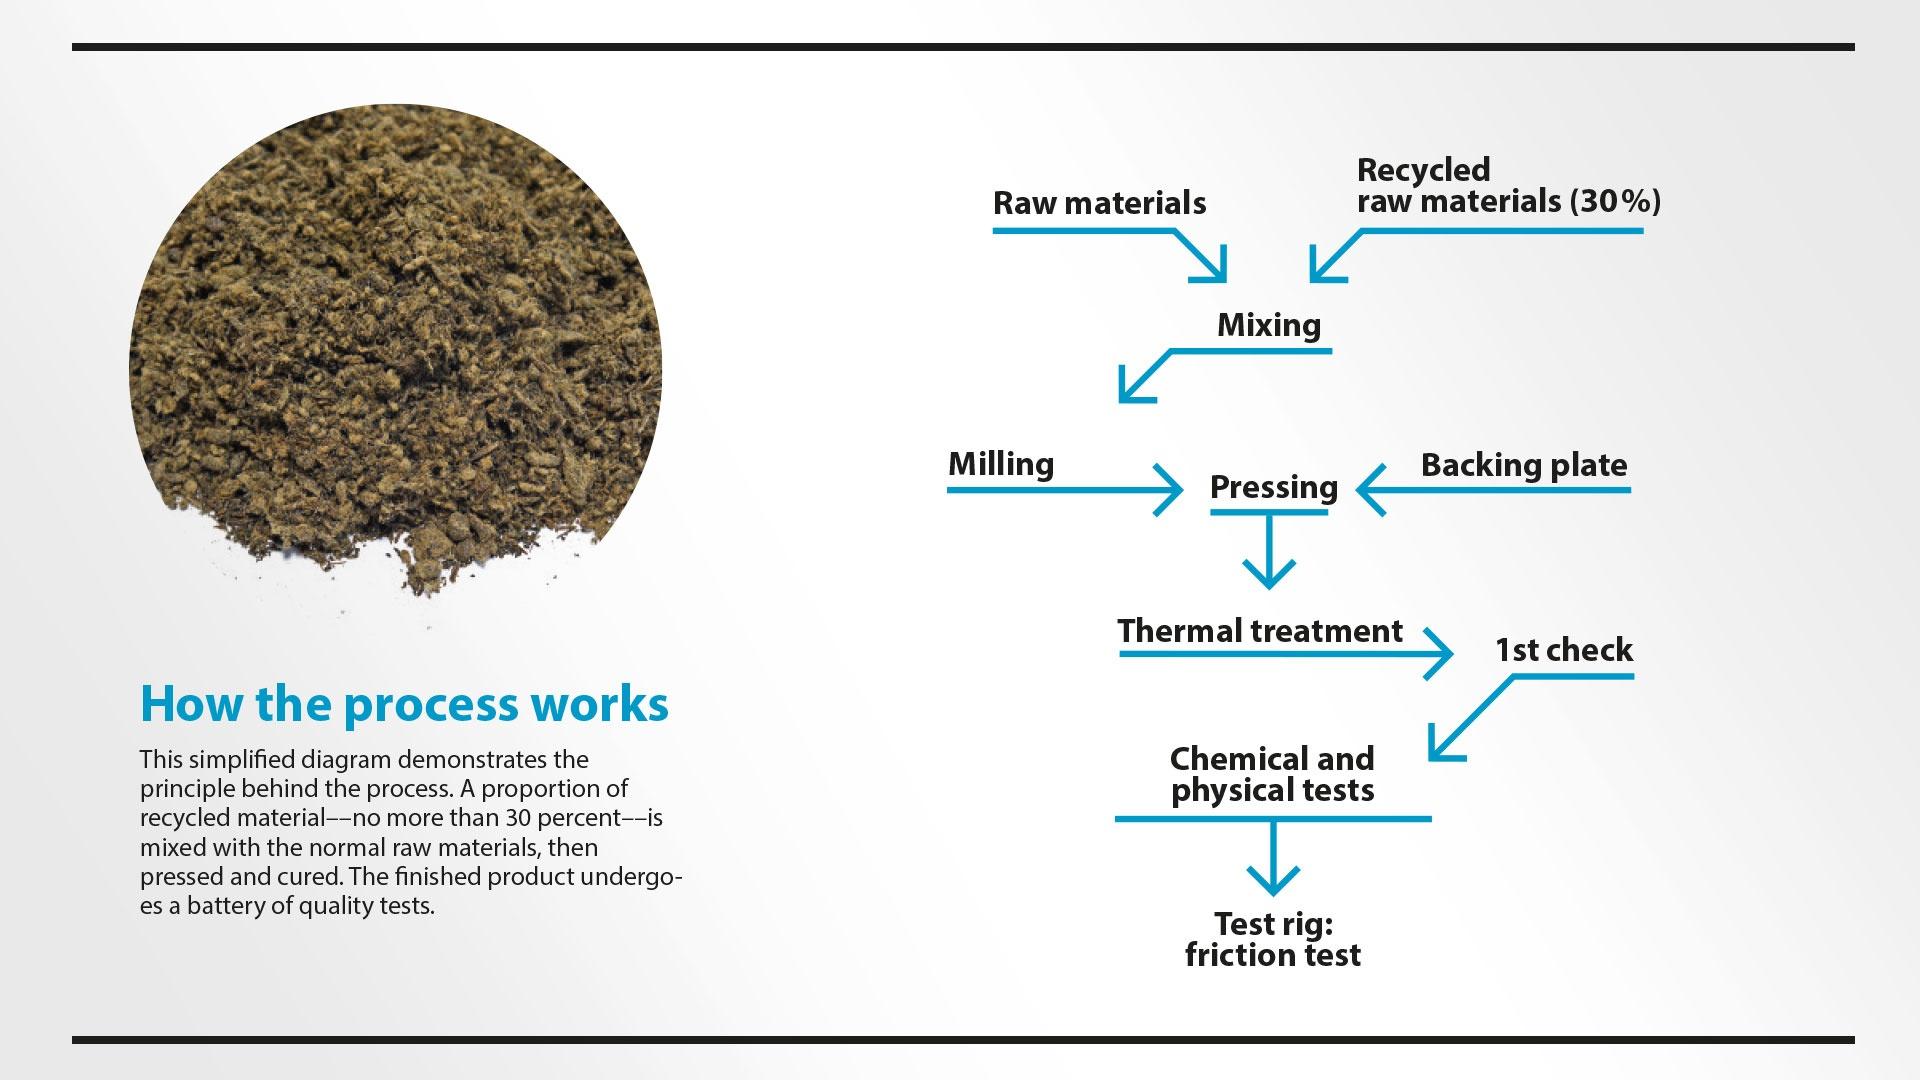 Innovation: Recycling model for brake blocks avoids waste